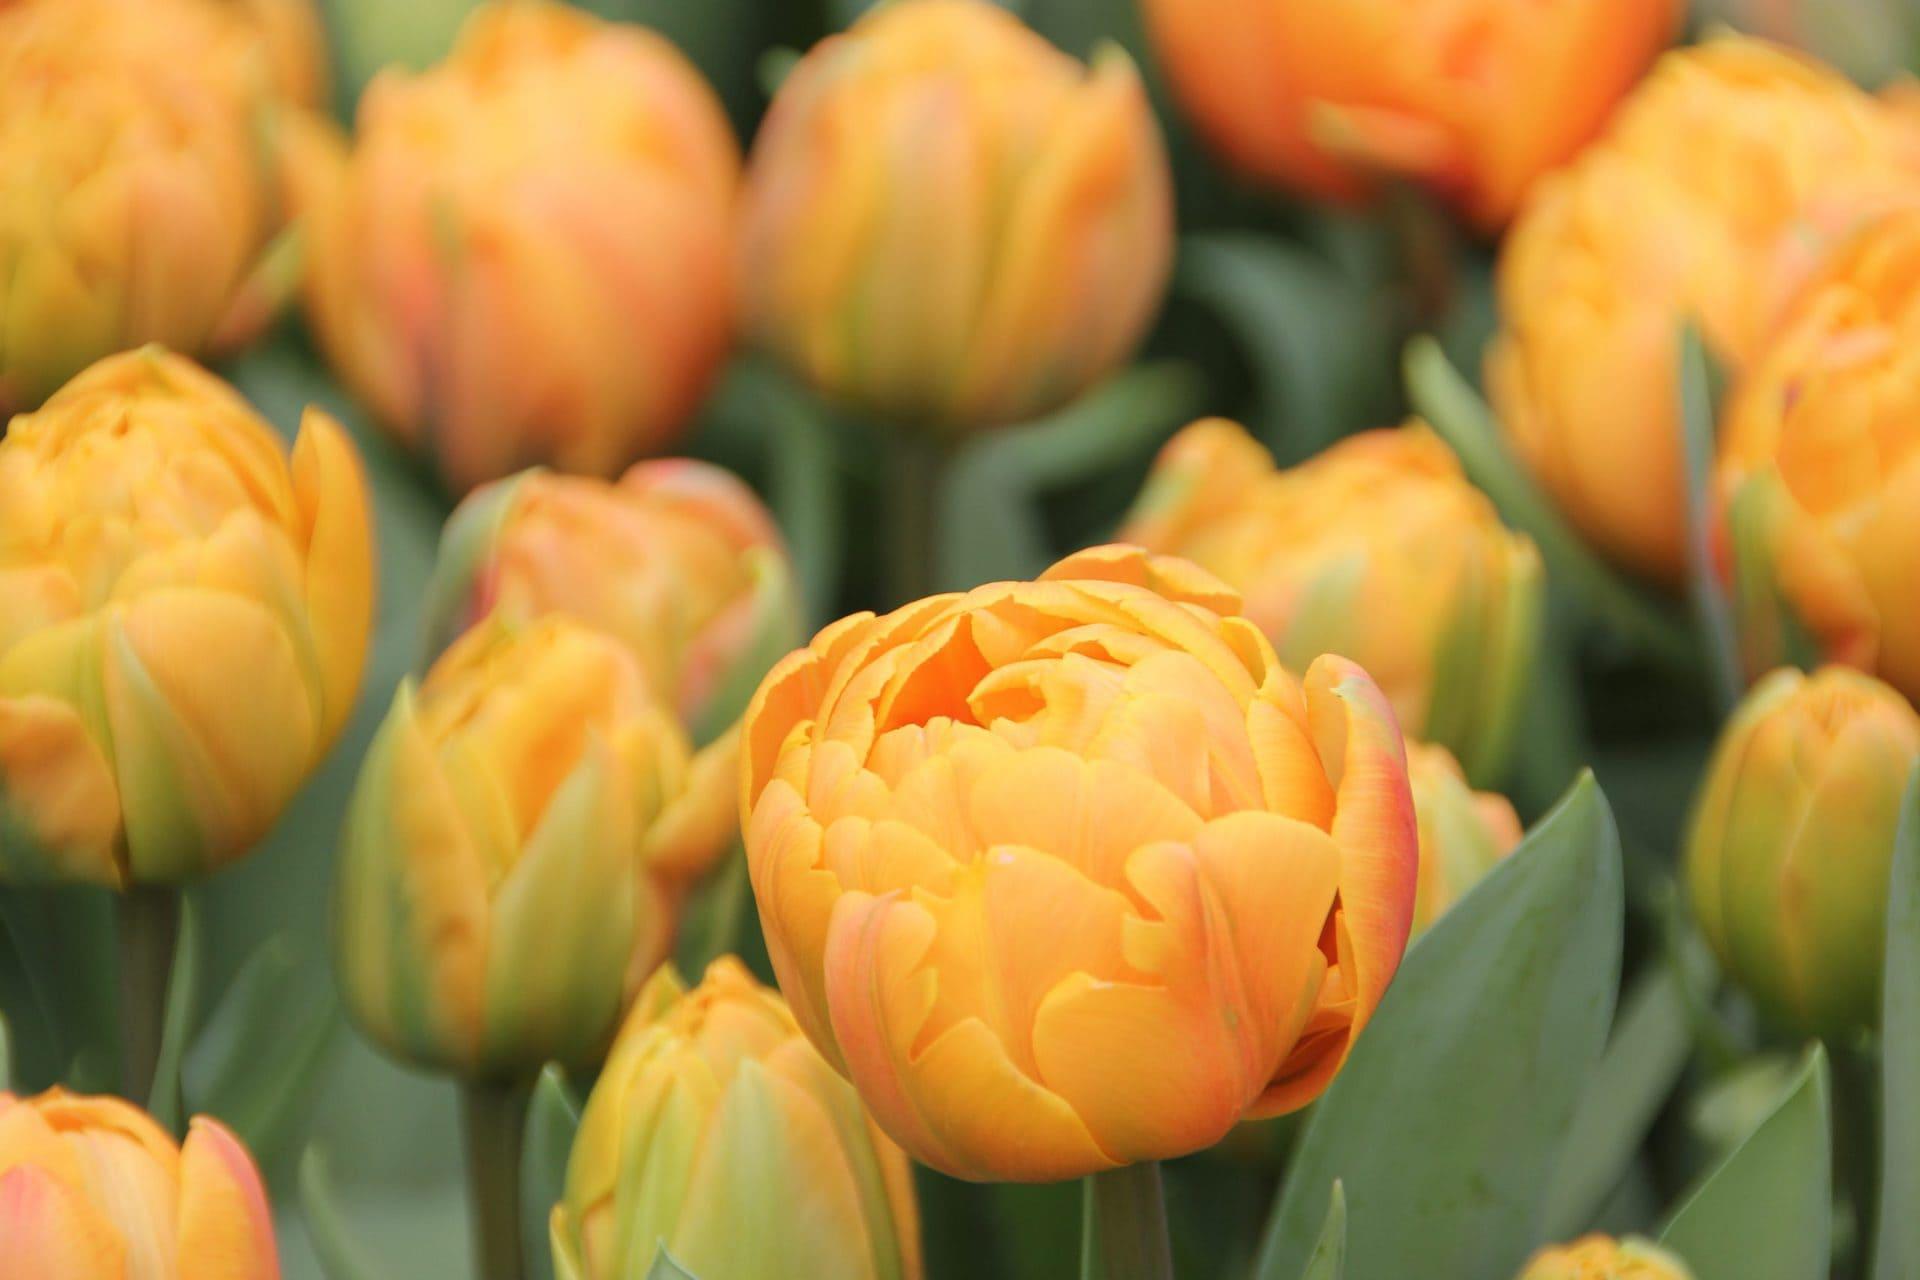 Noch kein Geschenk für Valentinstag? Blizz verlost zusammen mit der Gärtnerei Bendler drei Tulpensträuße